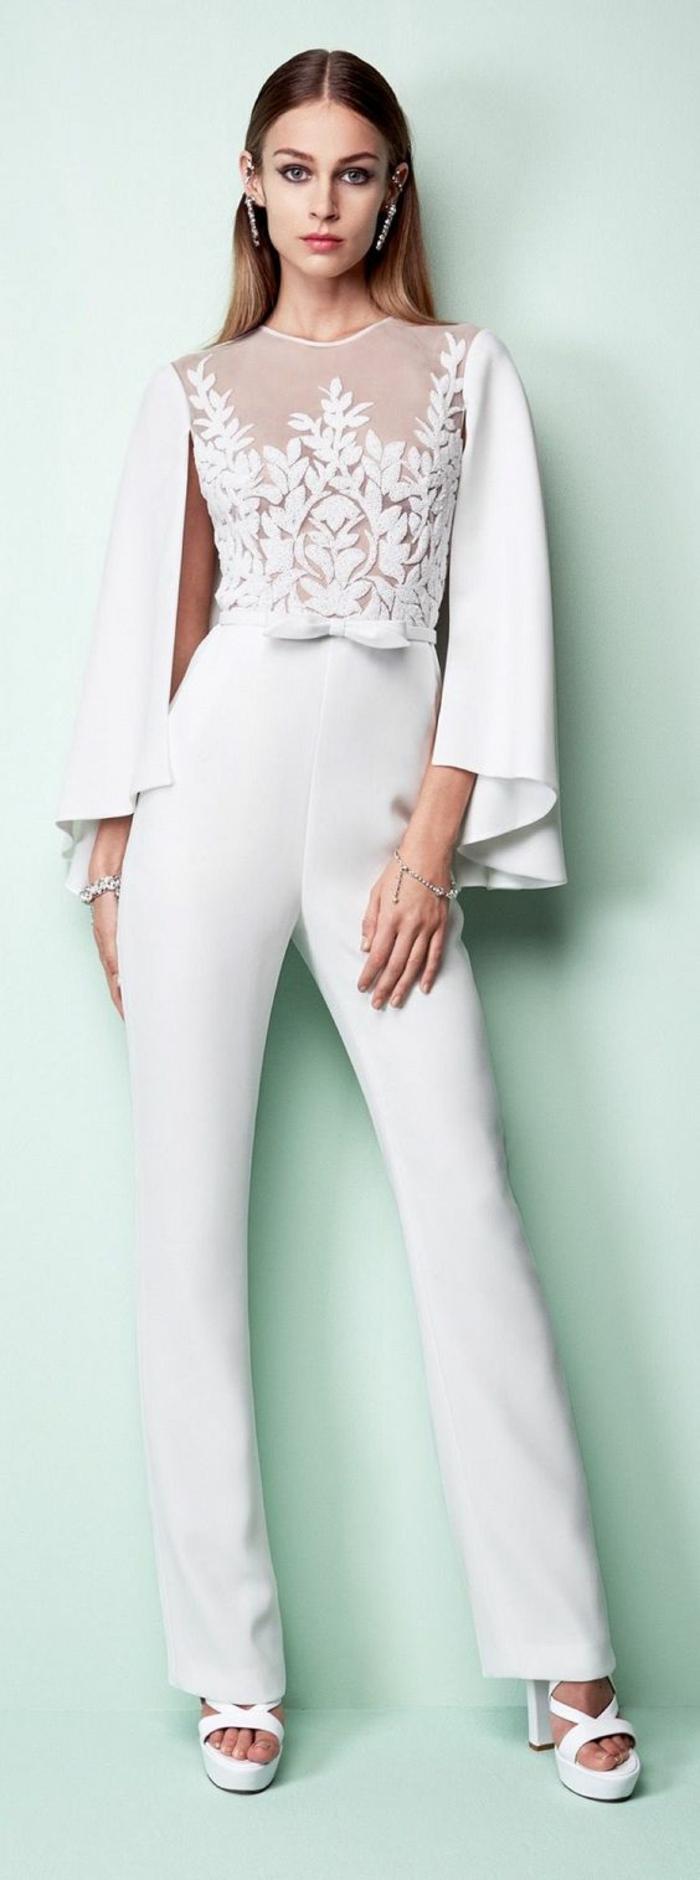 tailleur pantalon femme chic pour mariage pour la mari e et pour l invit e 86 mod les obsigen. Black Bedroom Furniture Sets. Home Design Ideas